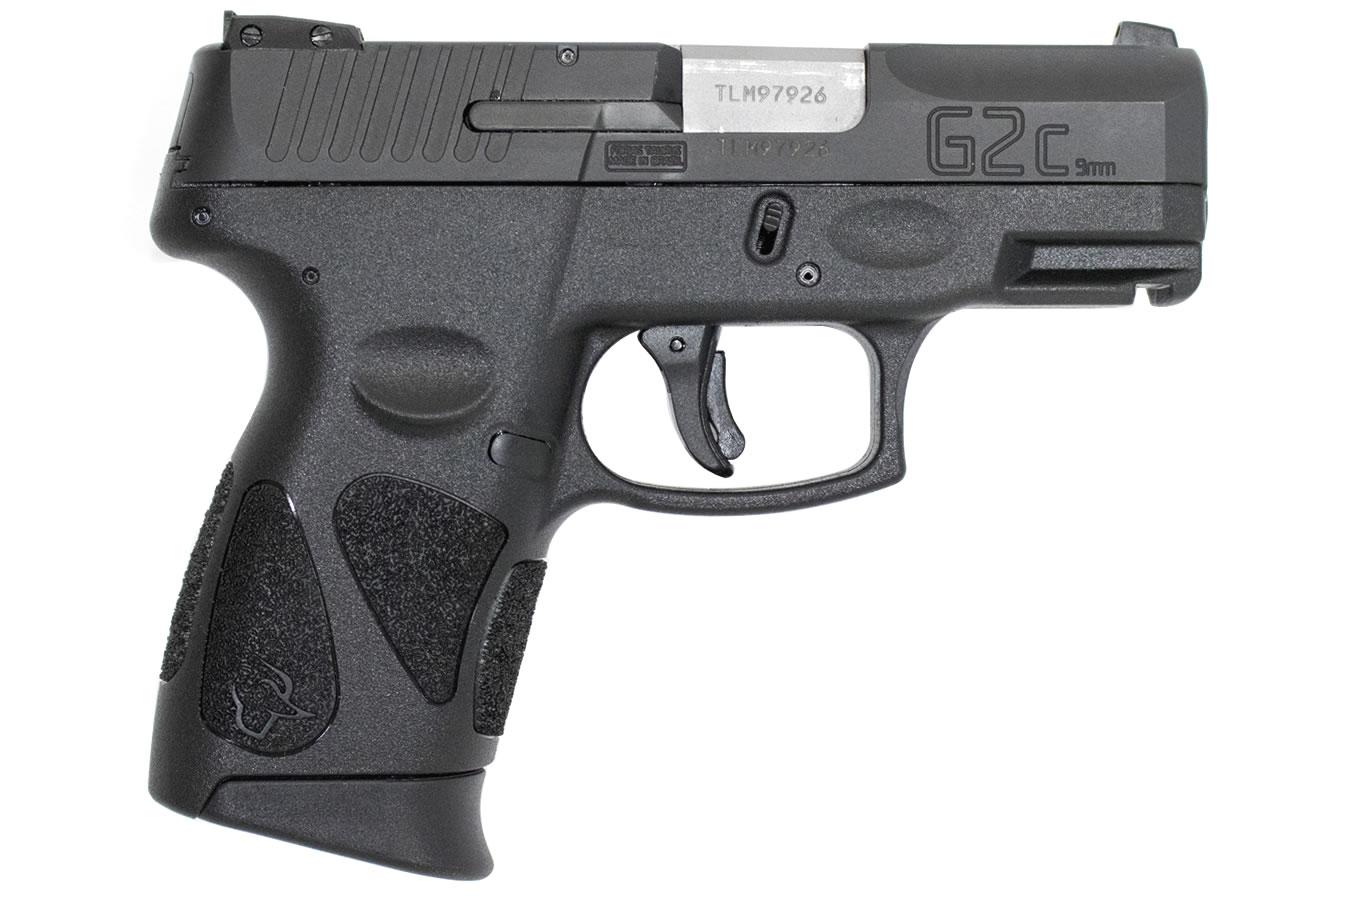 Taurus P2C pistol image